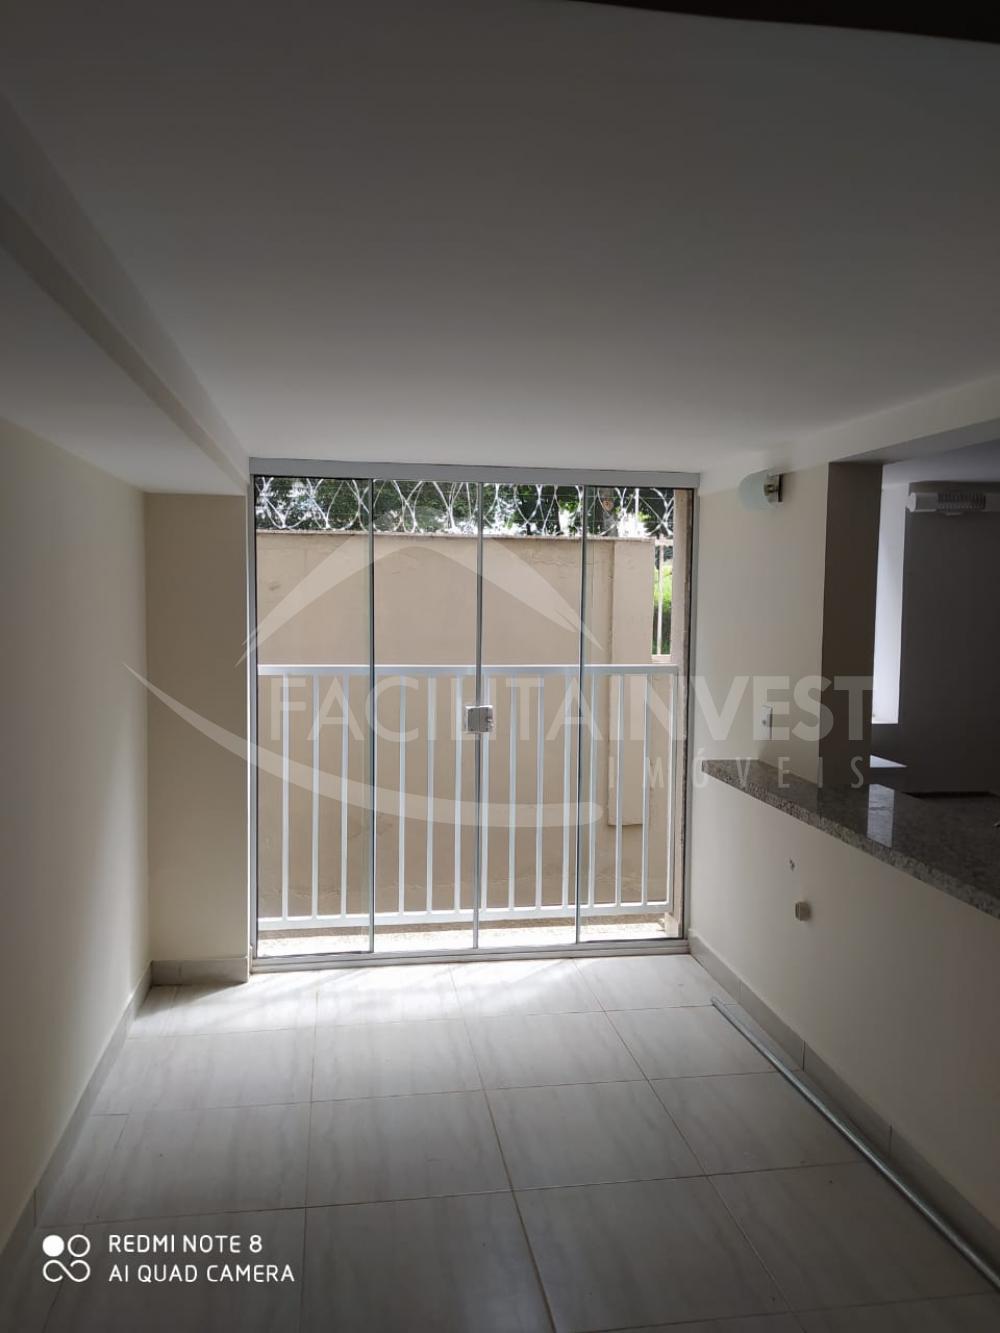 Alugar Apartamentos / Apart. Padrão em Ribeirão Preto apenas R$ 1.900,00 - Foto 4